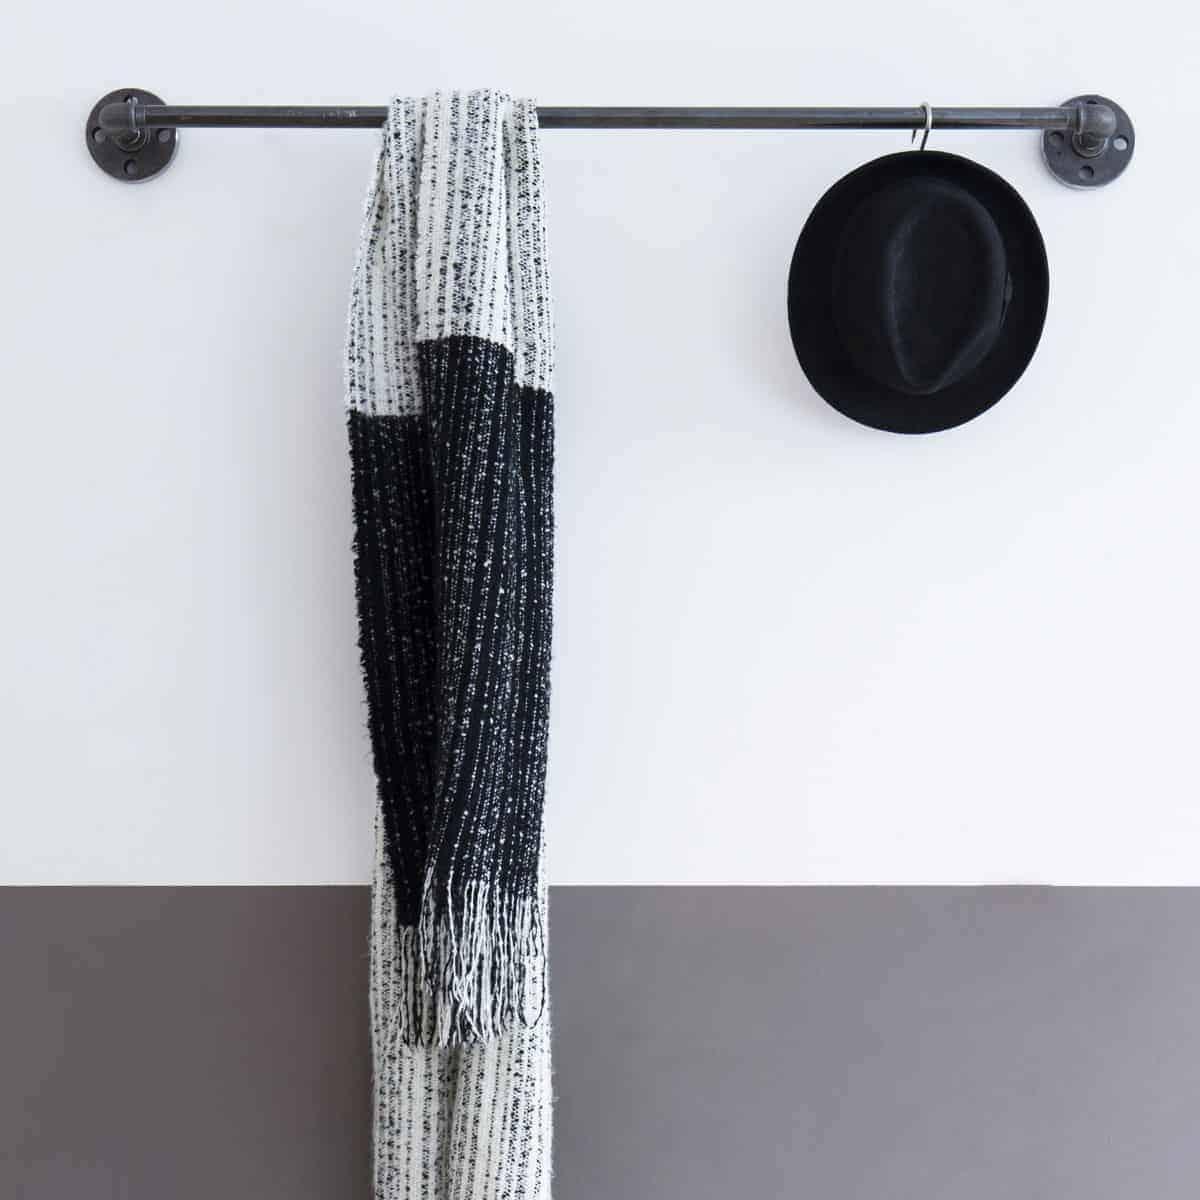 Wandmontiertes Metallrohr Badetuchhalter Schwarz Industrie Design aus Metall Eisen